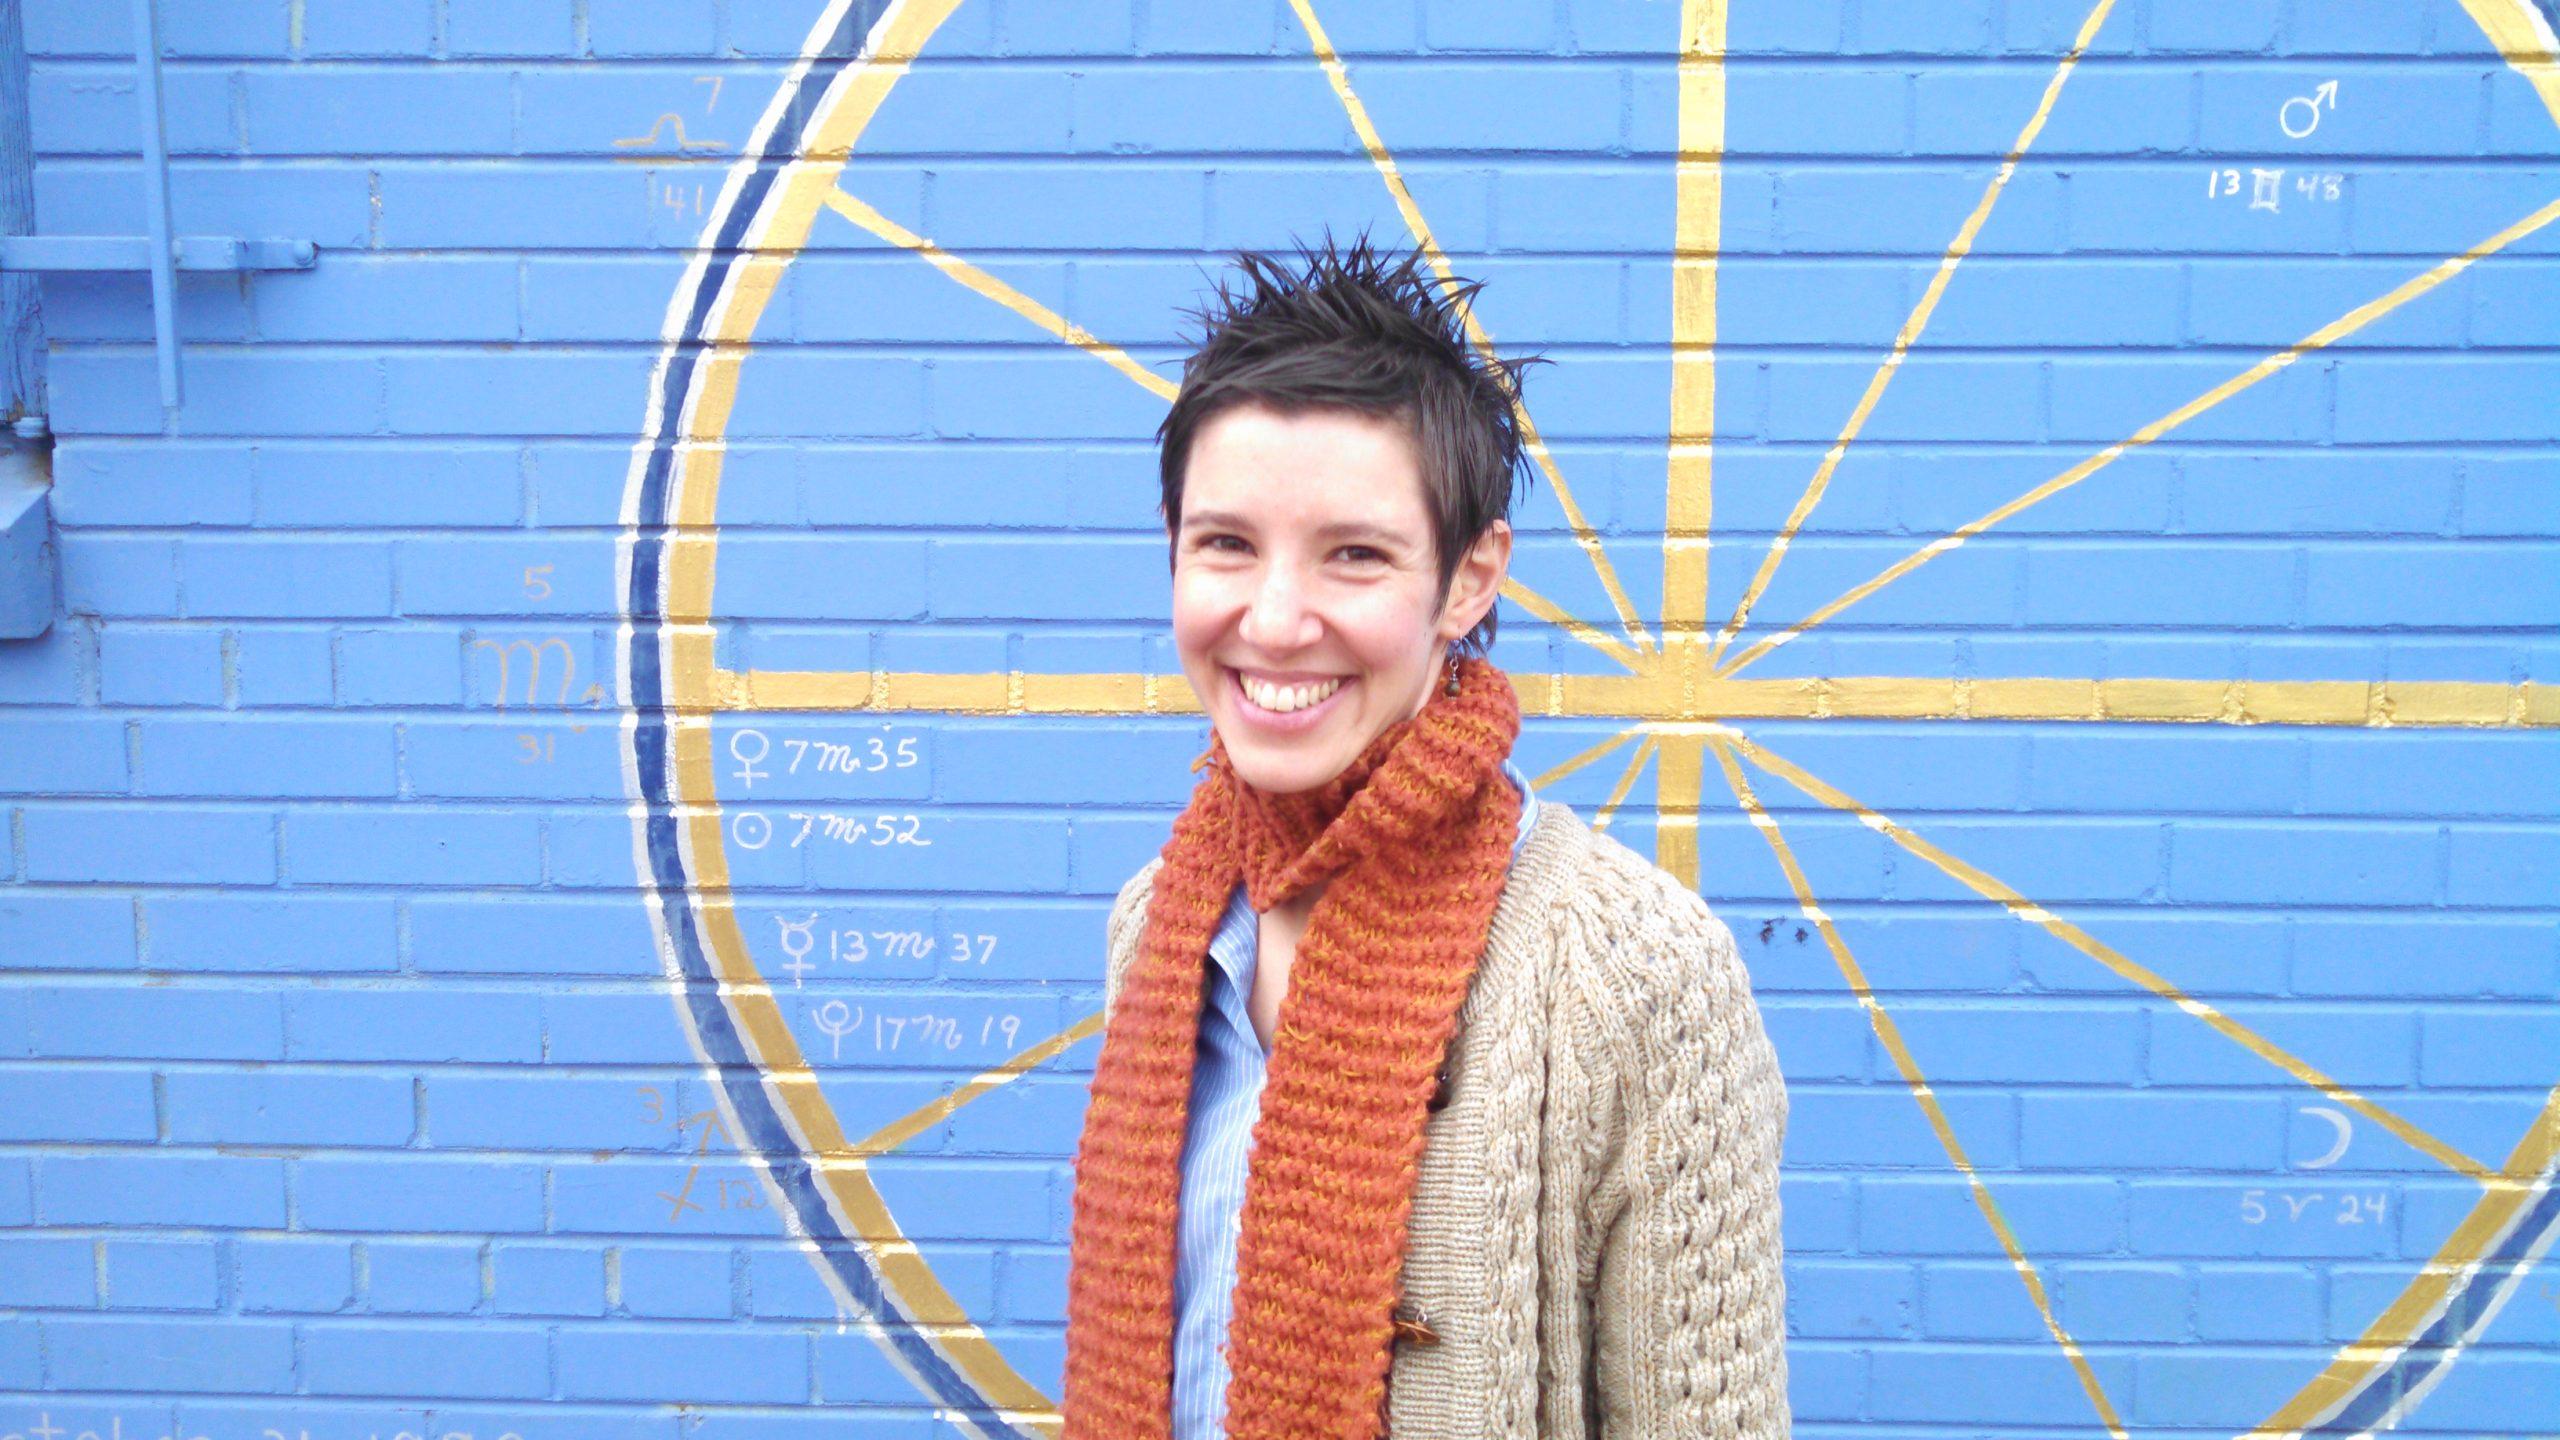 Leisa Schaim astrology chart